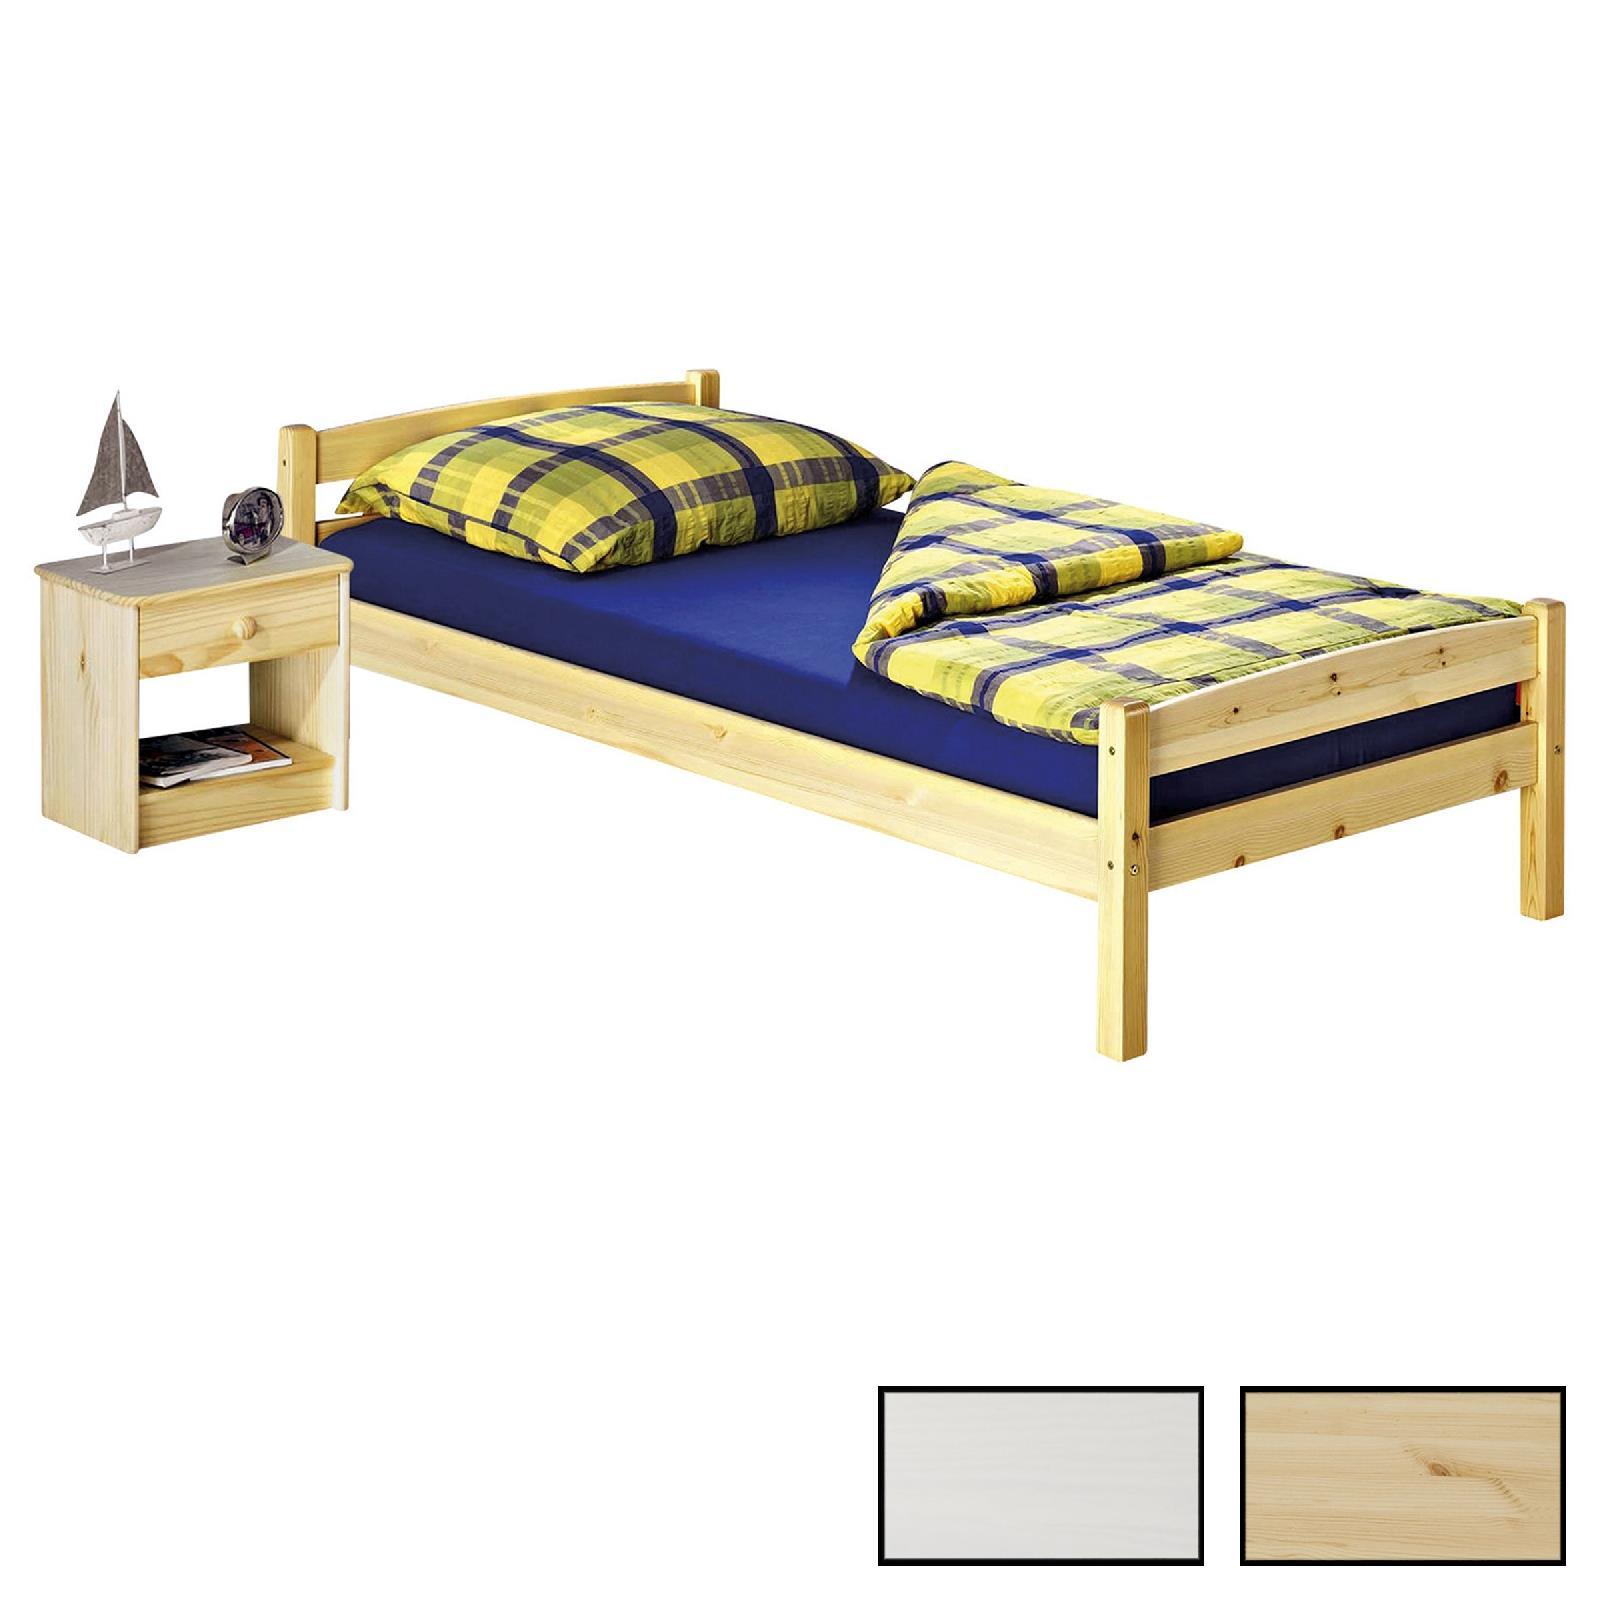 einzelbett kiefer massiv versch farben caro m bel. Black Bedroom Furniture Sets. Home Design Ideas